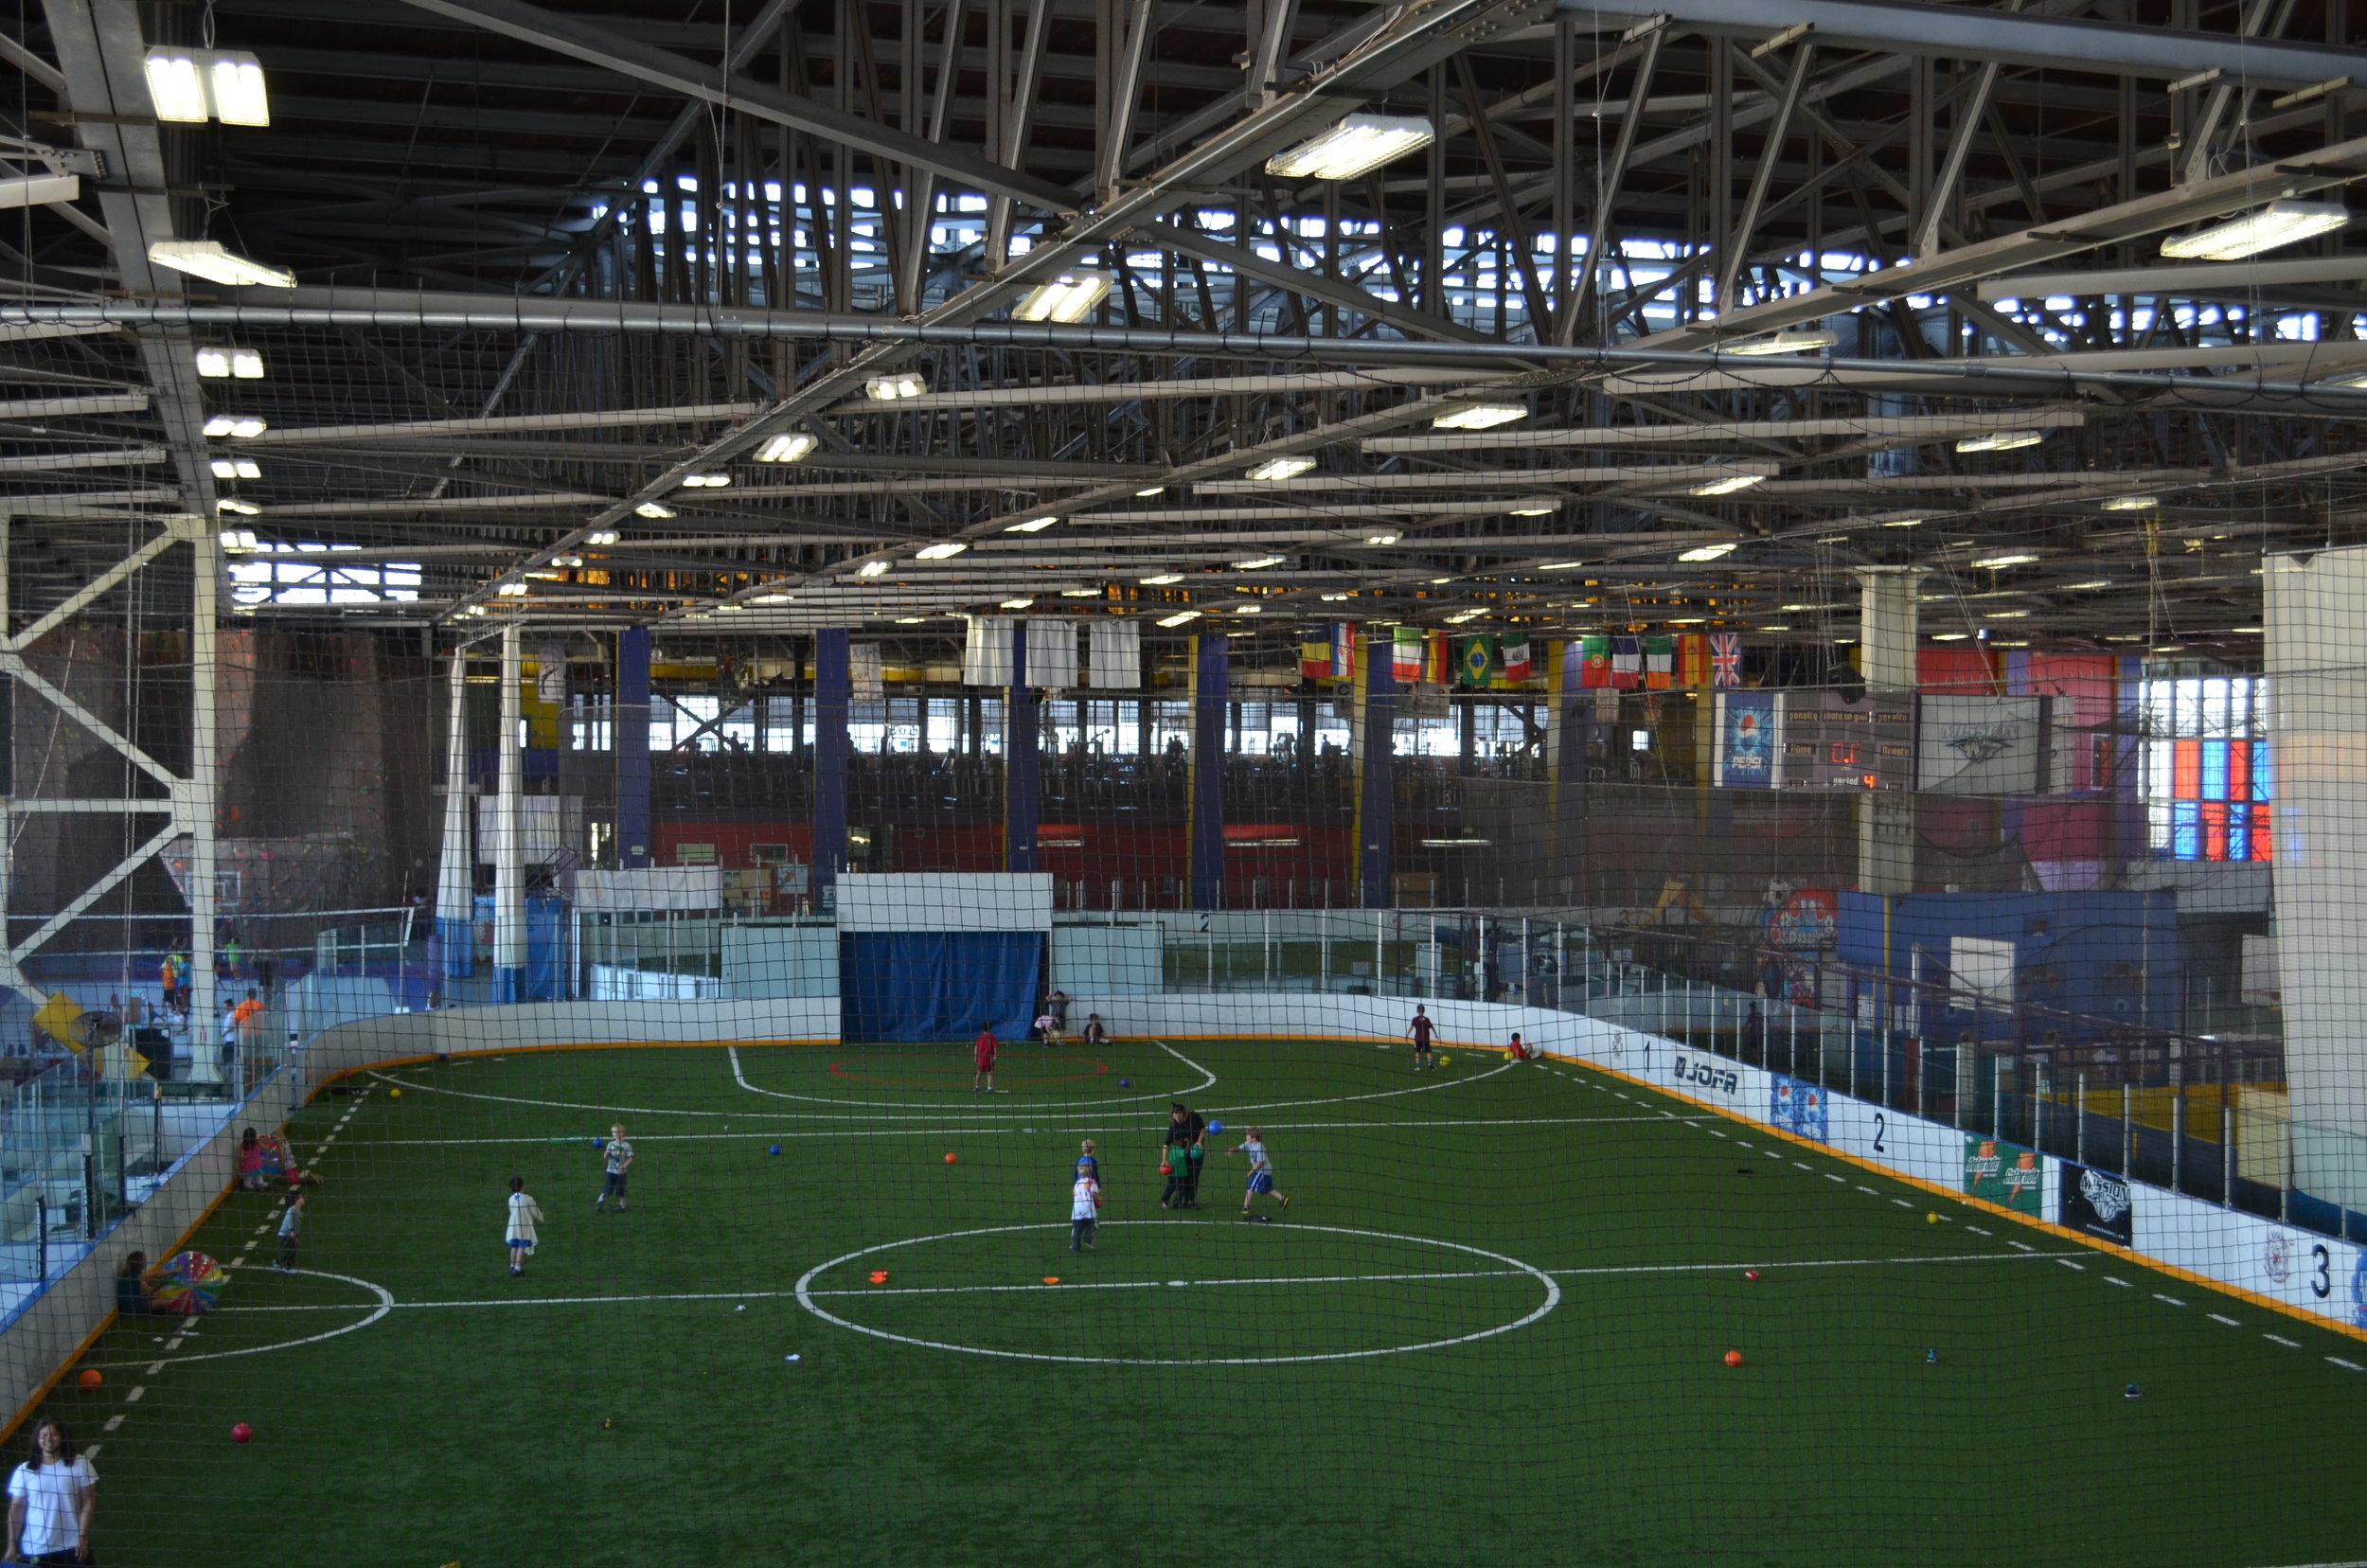 Soccer field at bladium